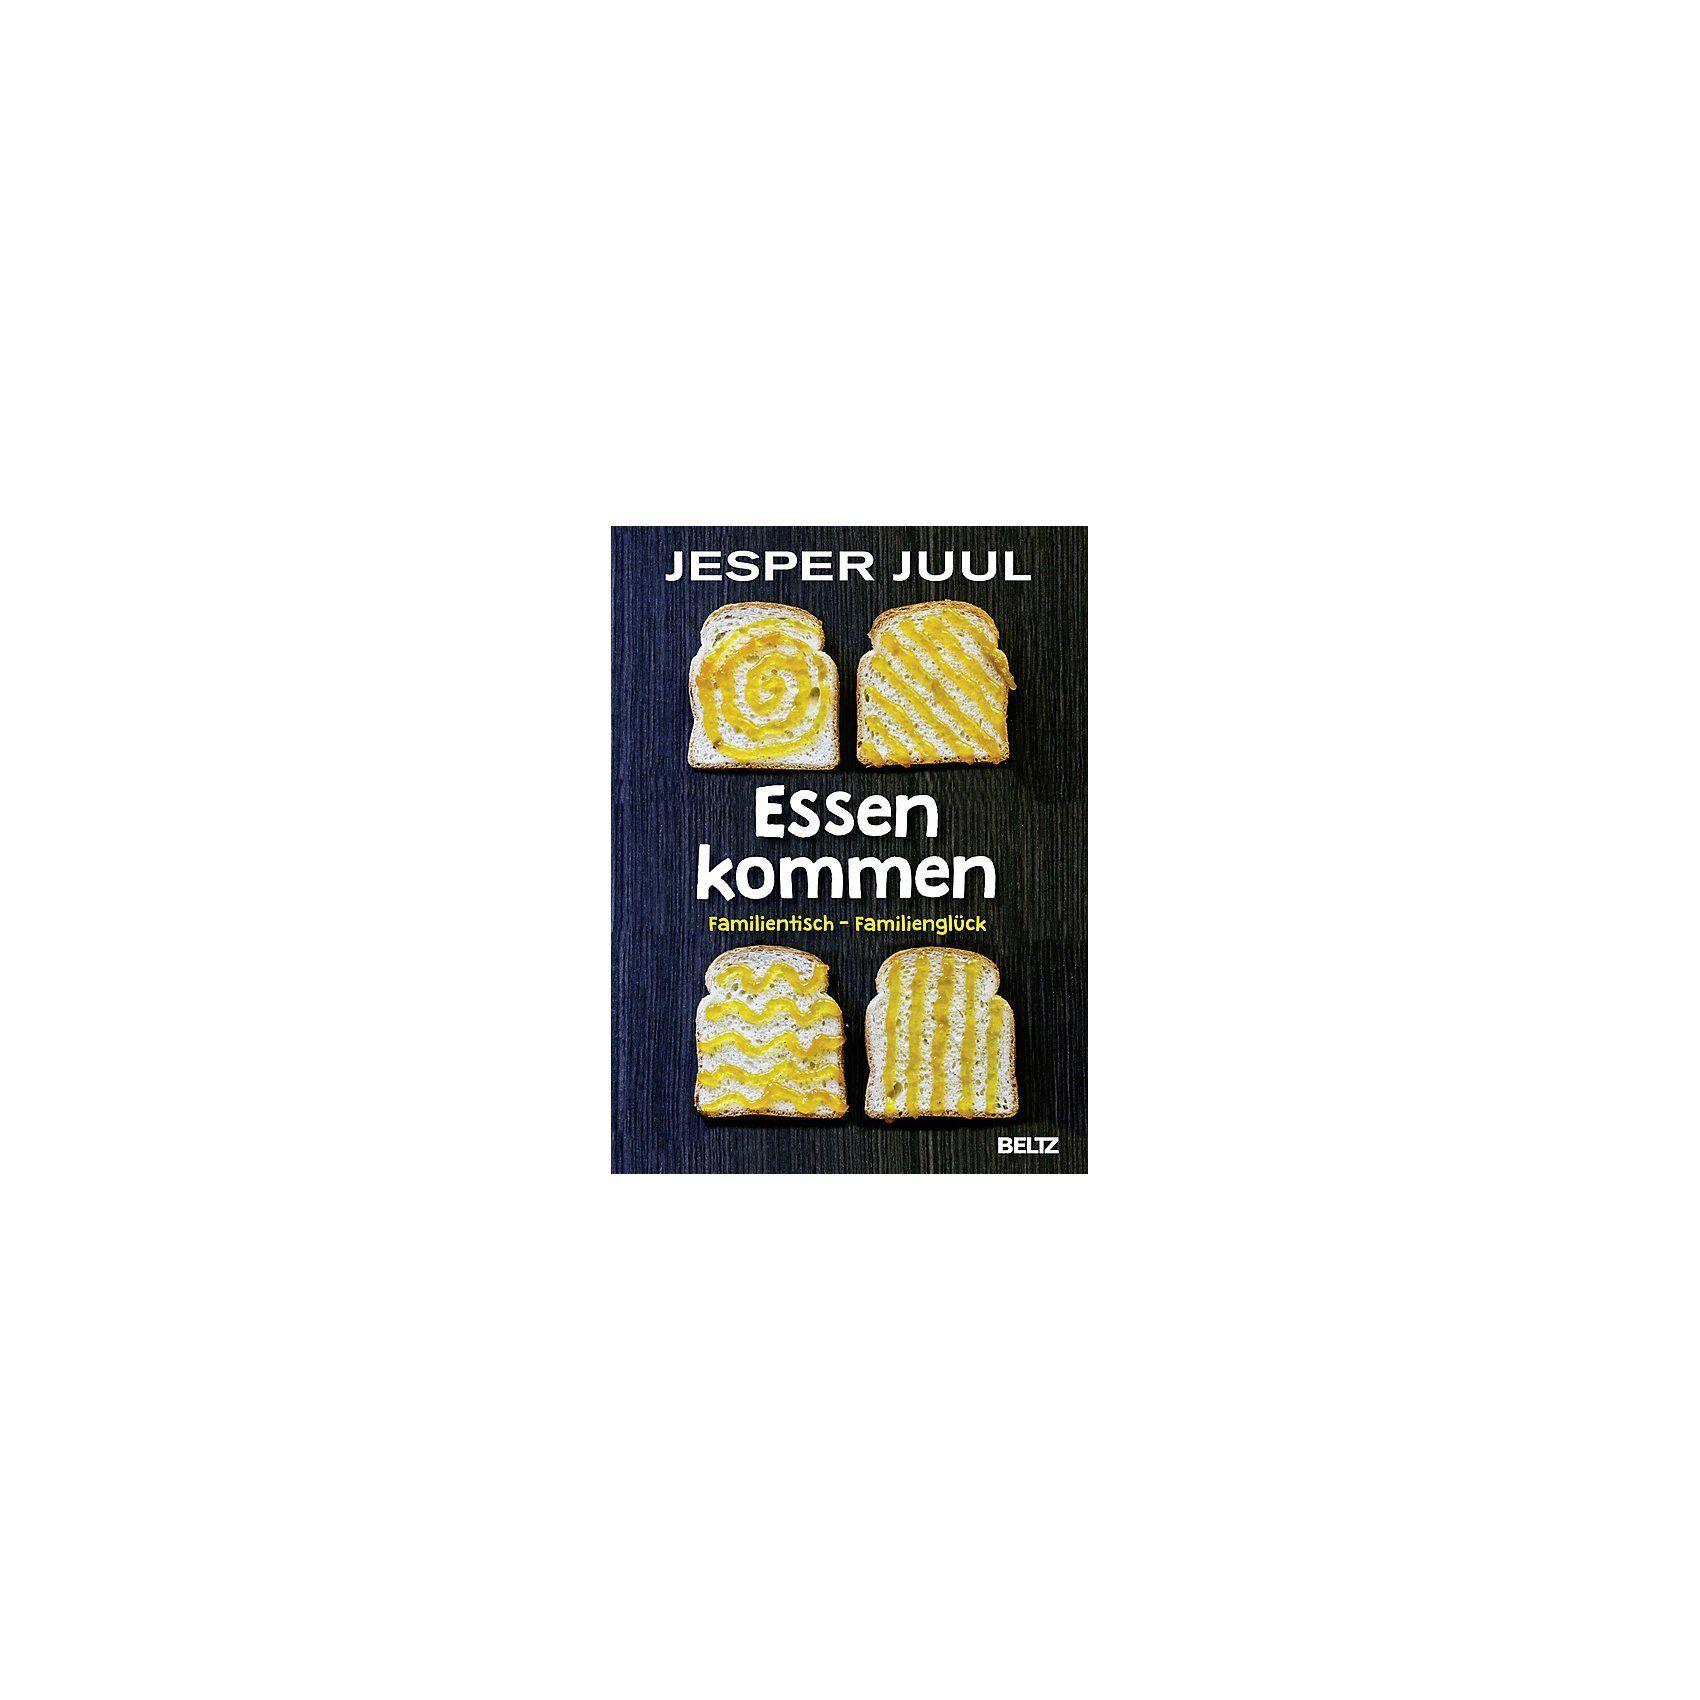 Beltz Verlag Essen kommen